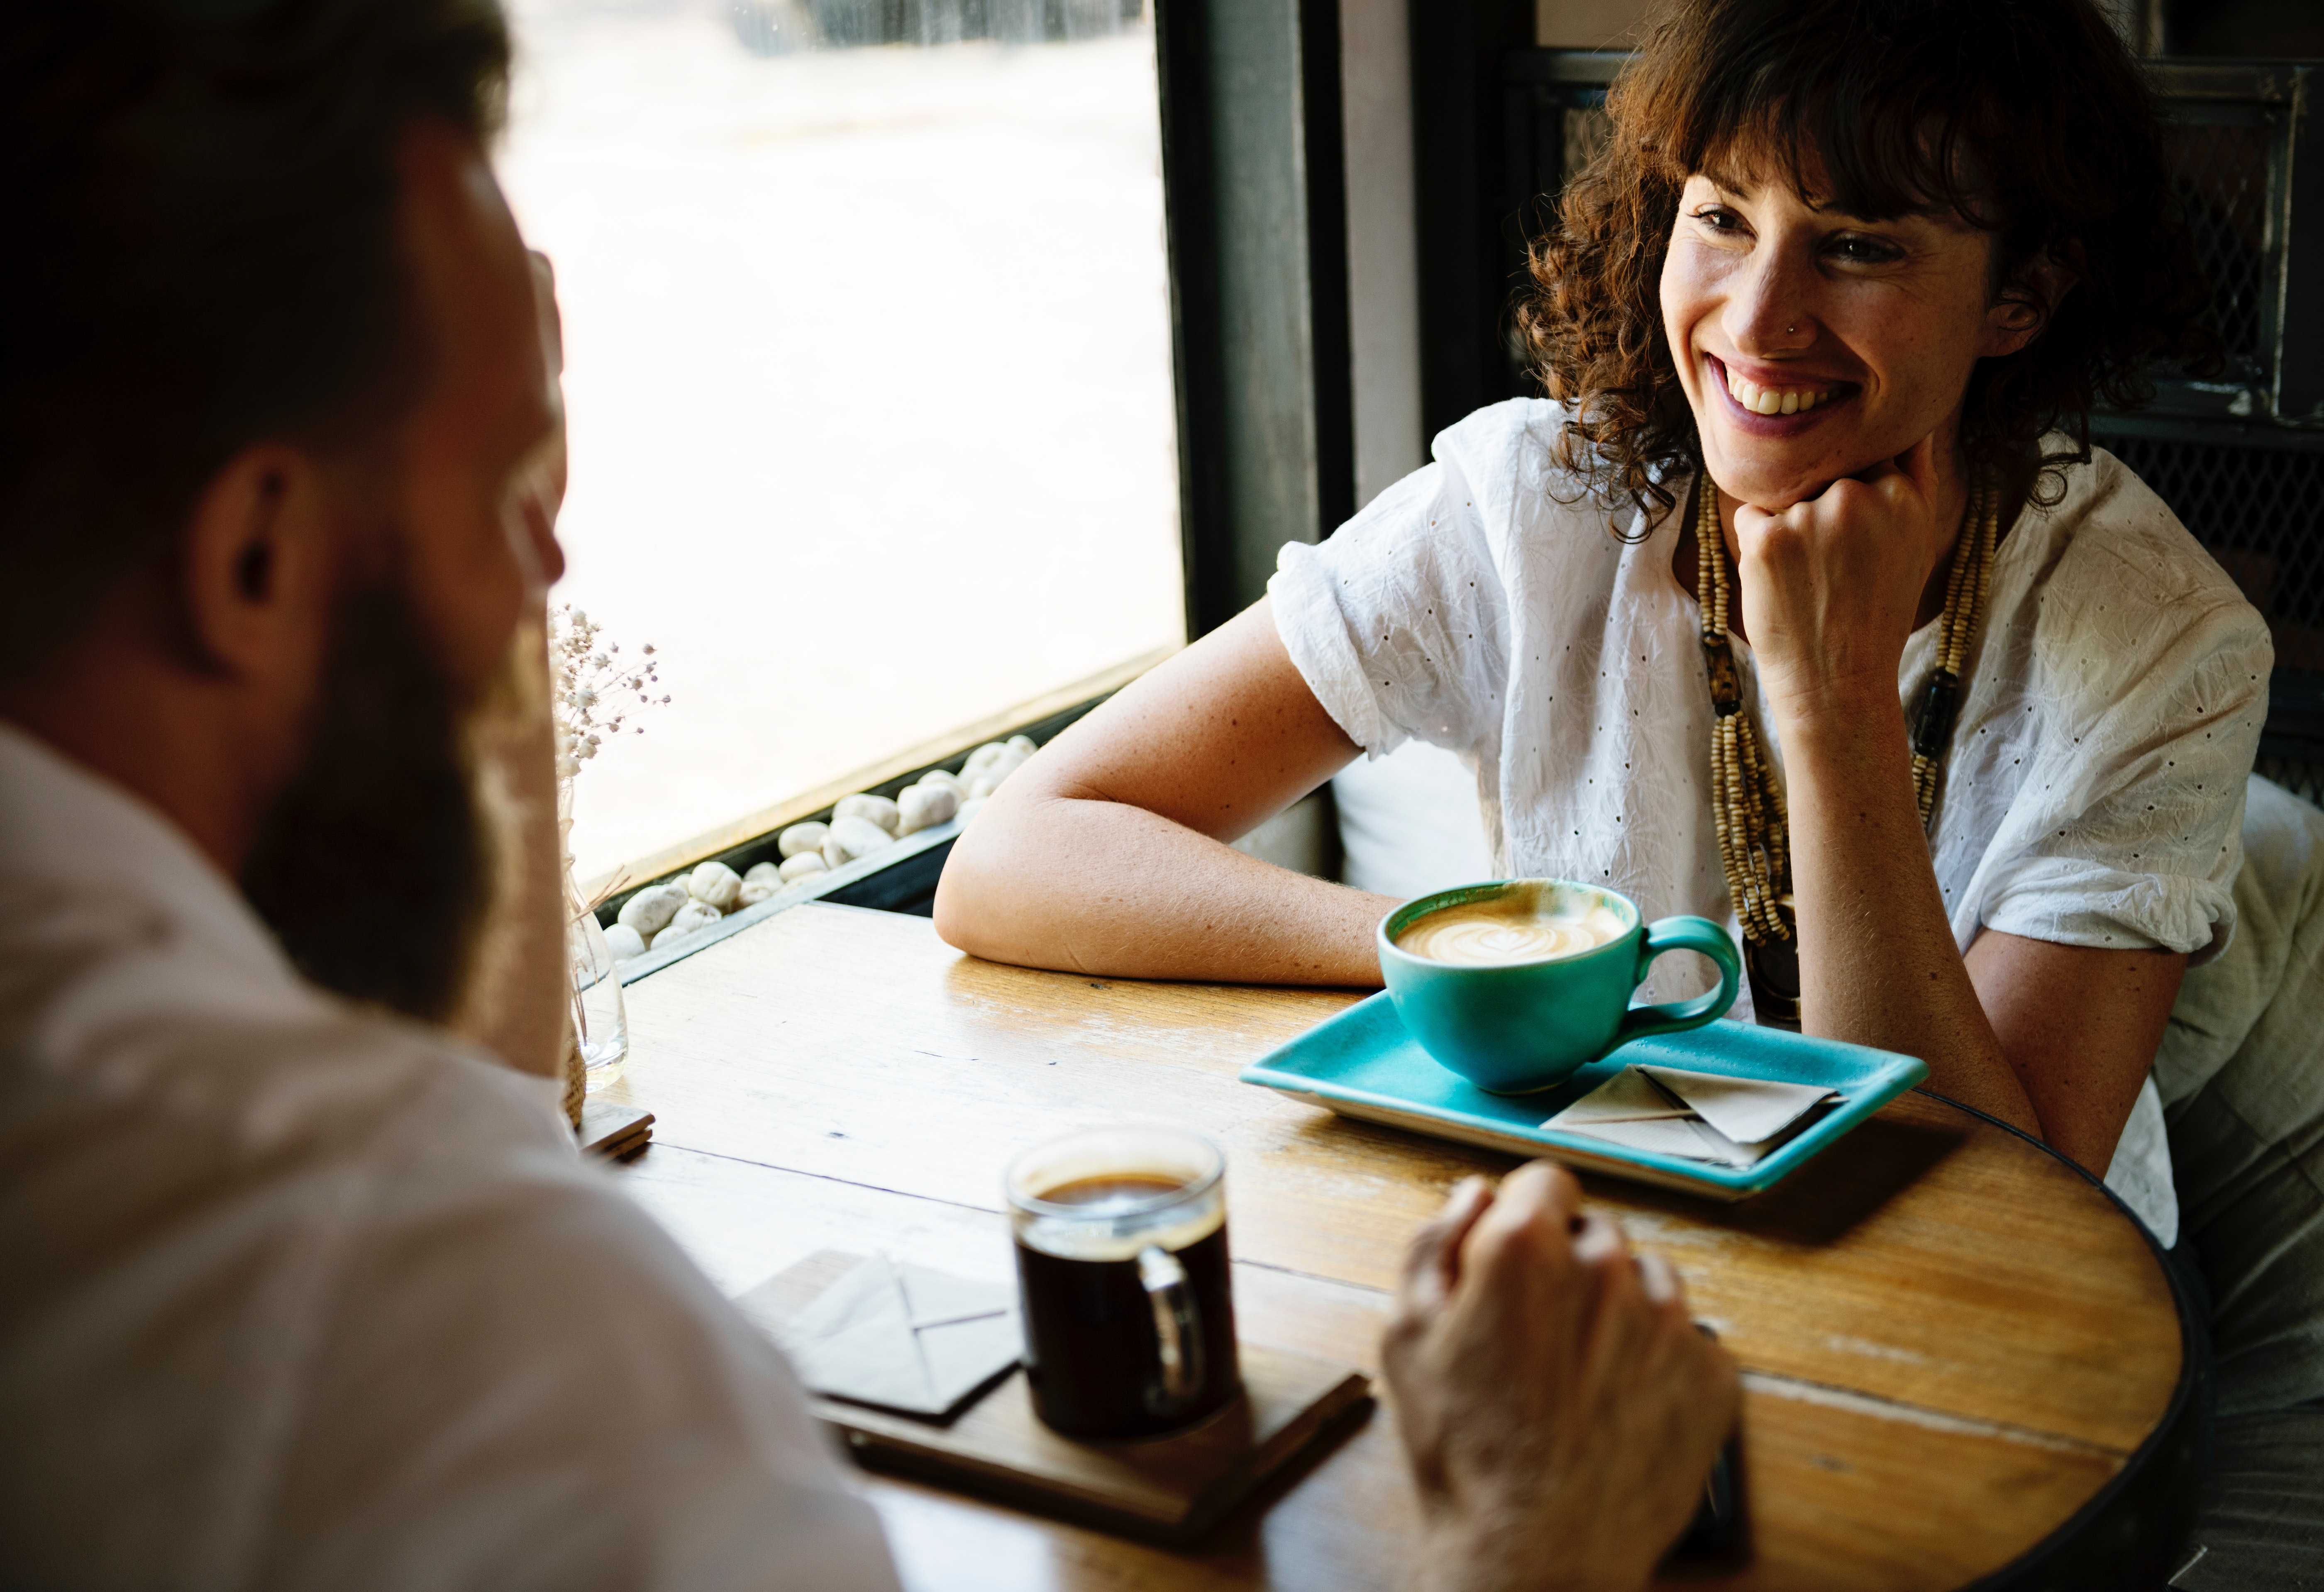 Mann und Frau unterhalten sich